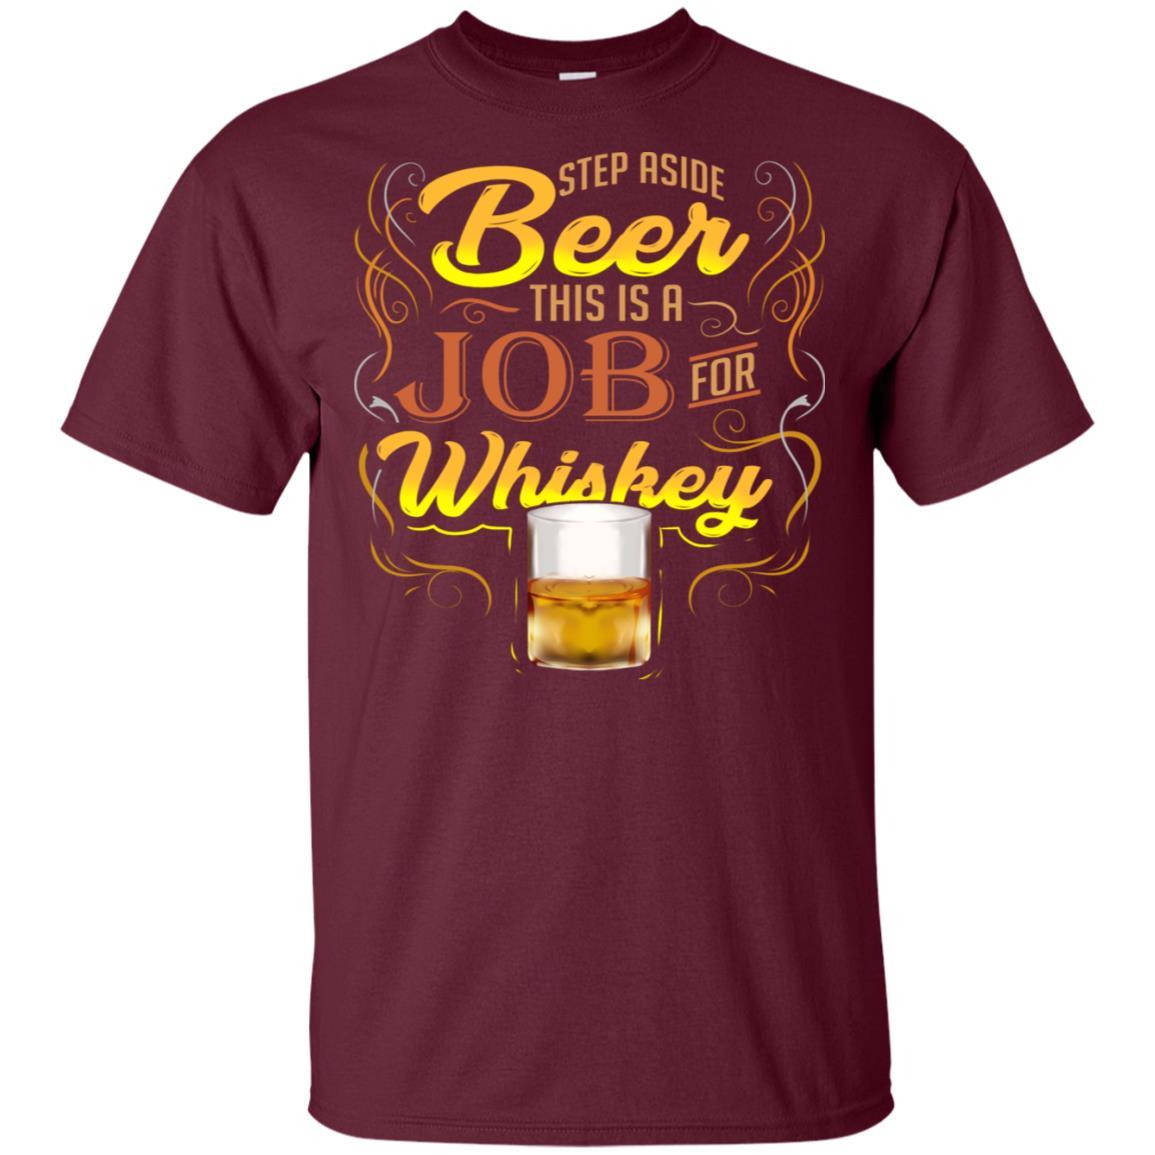 Funny Malt Whiskey Step Aside Beer Job for Whiskey Unisex Short Sleeve